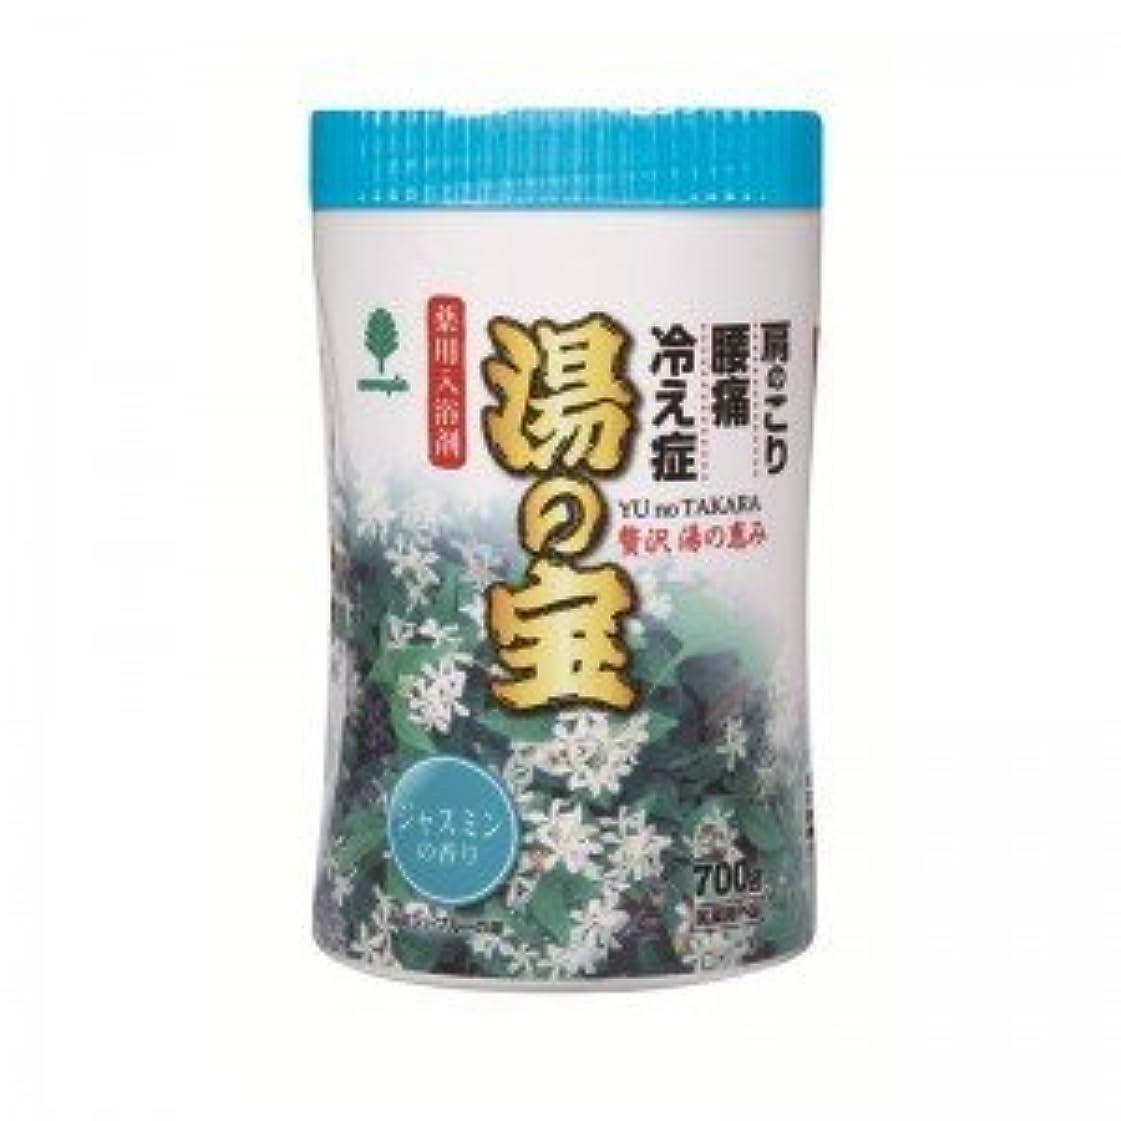 引退したインペリアル分数紀陽除虫菊 湯の宝 ジャスミンの香り (丸ボトル) 700g【まとめ買い15個セット】 N-0067